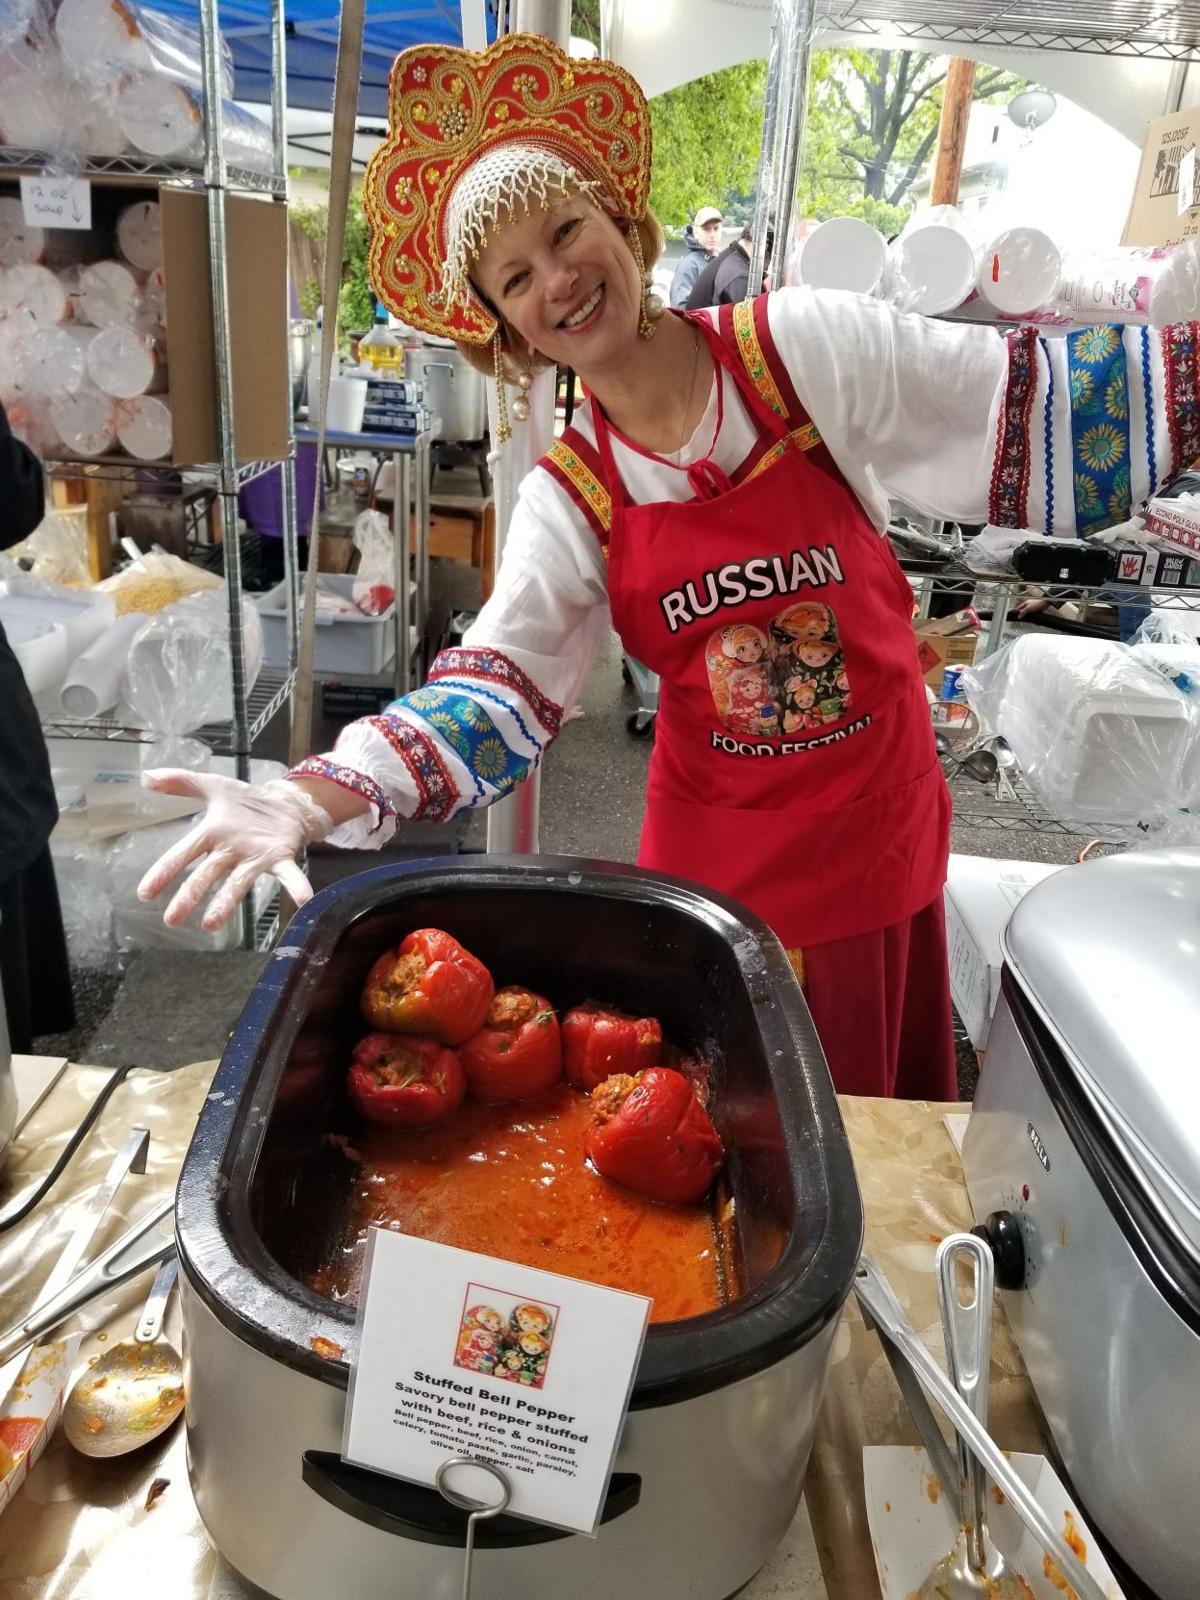 Boise Russian Food Festival 2019